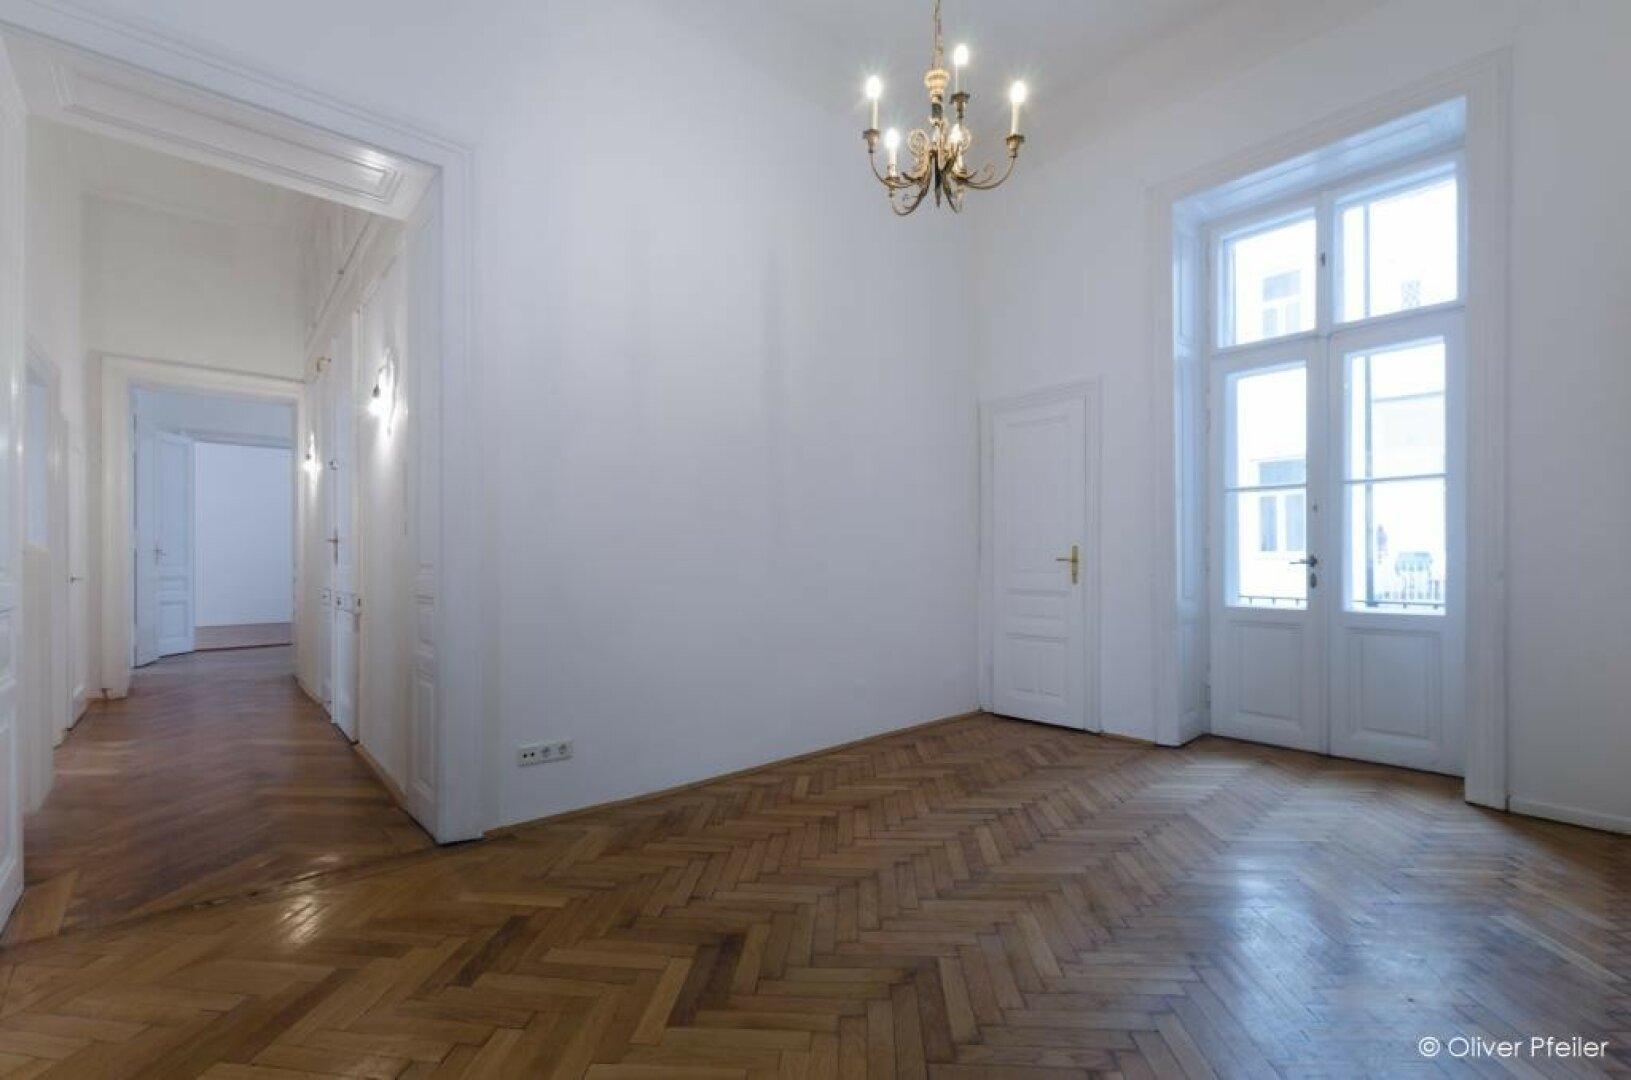 Zimmer_6- mit Eingangsbereich